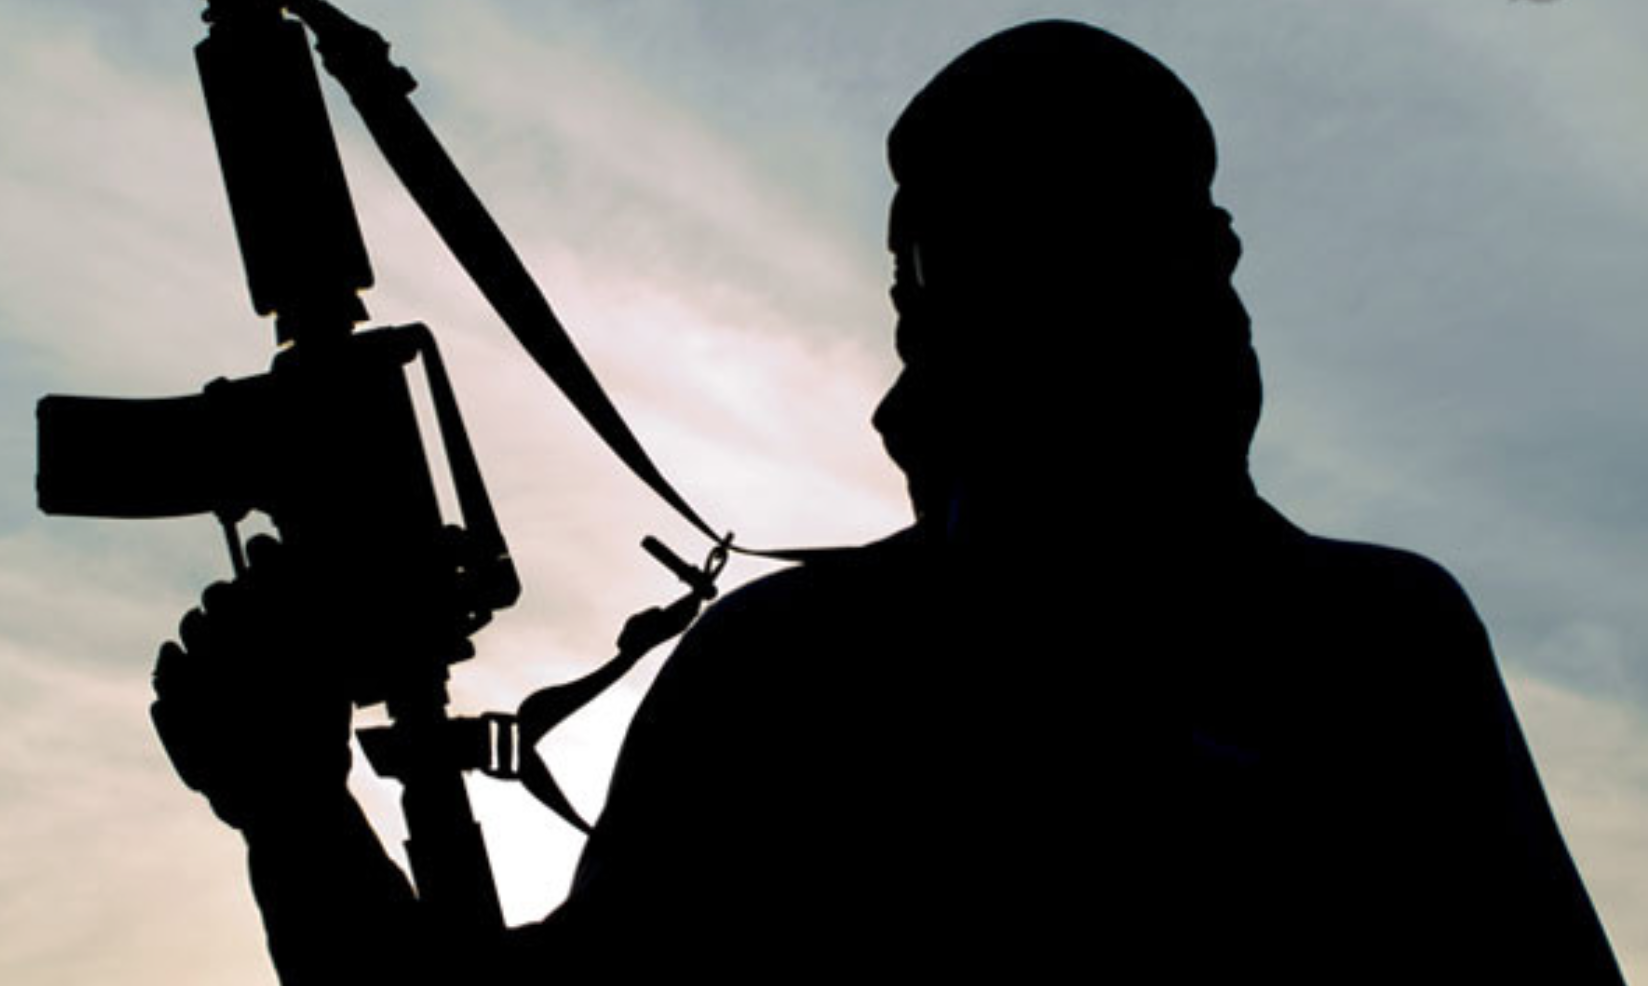 Terrorisme: 175 structuresdémantelées au Maroc depuis 2002 et plus de 2.900 personnes arrêtées